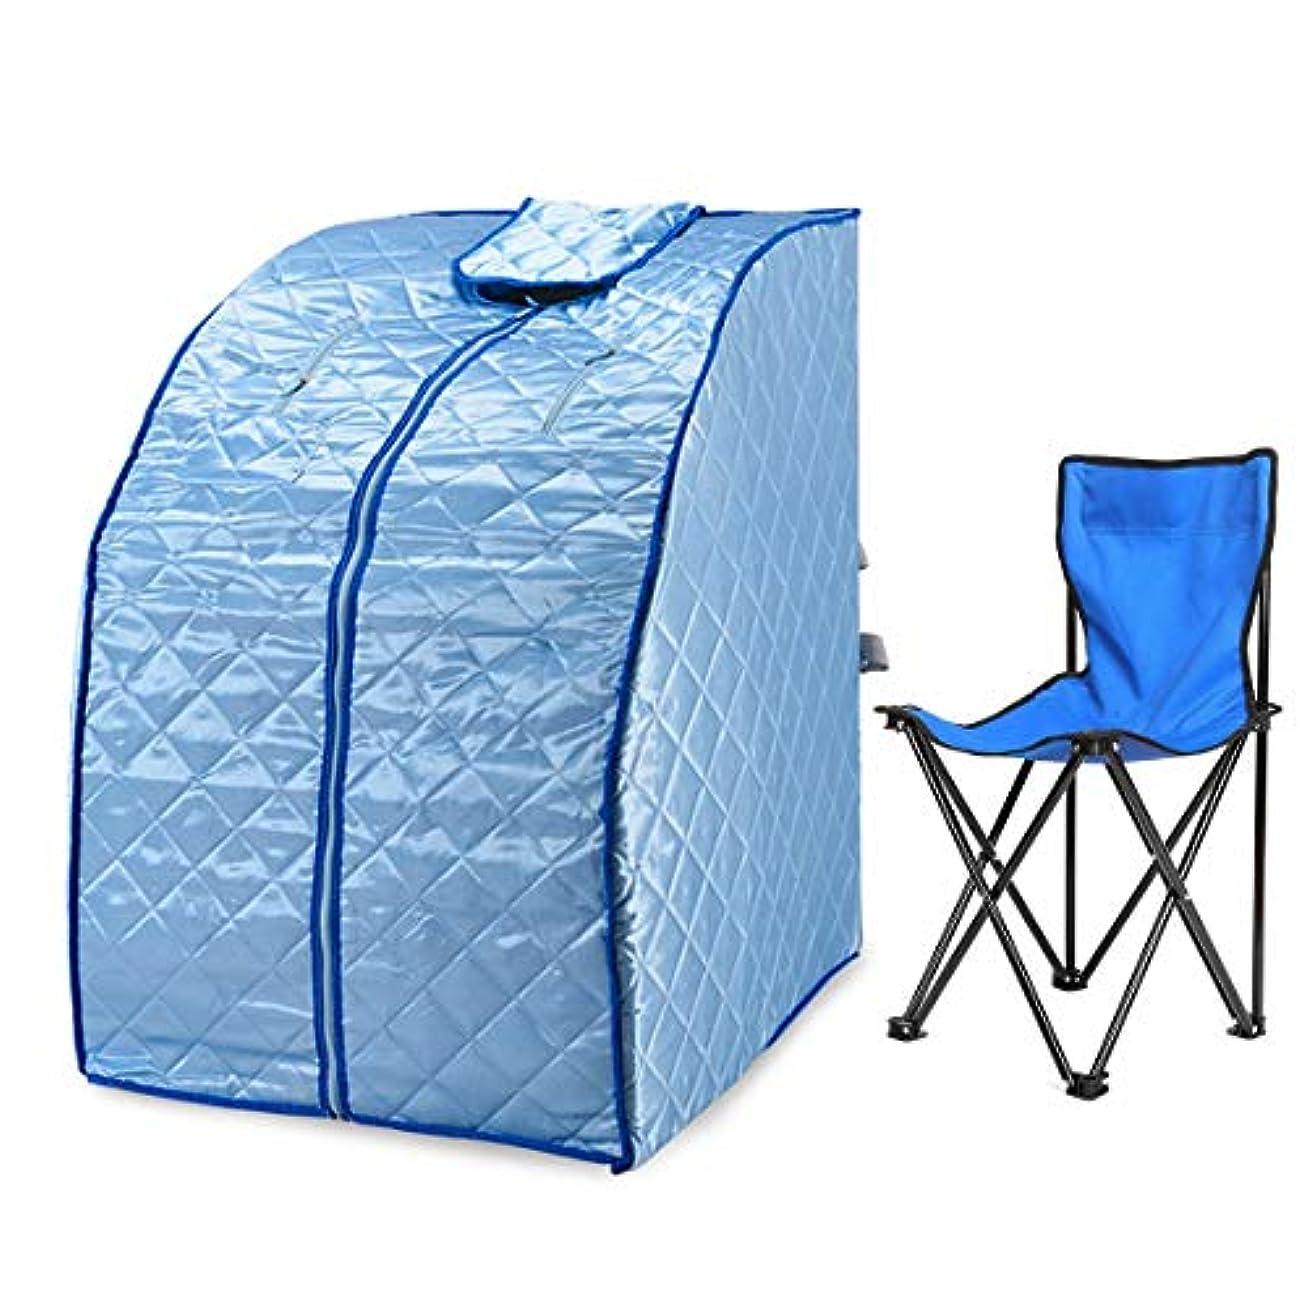 トロリーバス特権免疫する遠赤外線 サウナ と 椅子 ポータブル ヒータ サウナボックス 屋内 折り畳み サウナスチームキャビン パーソナル スパ 体重が減る そして 毒素を除去